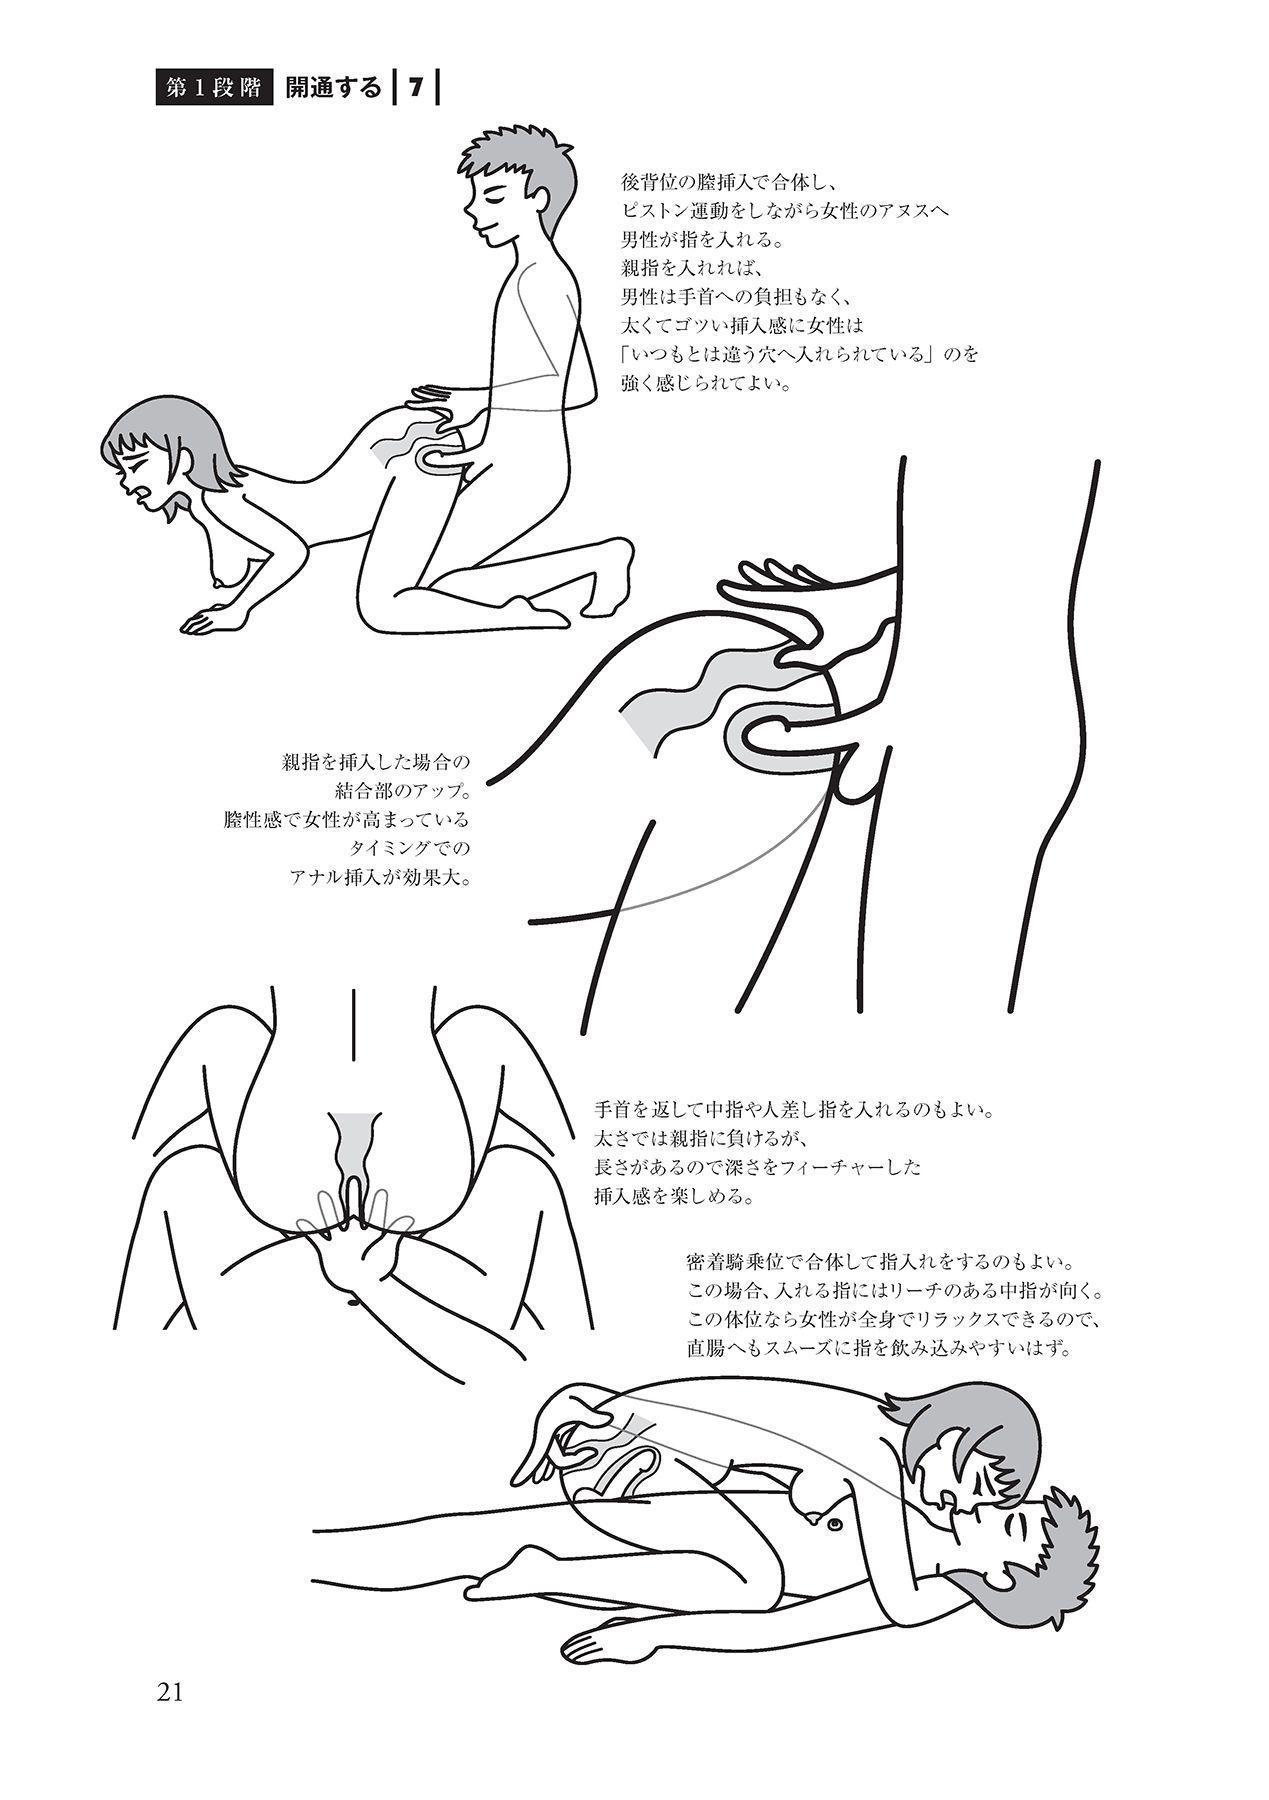 アナル性感開発・お尻エッチ 完全マニュアル 22